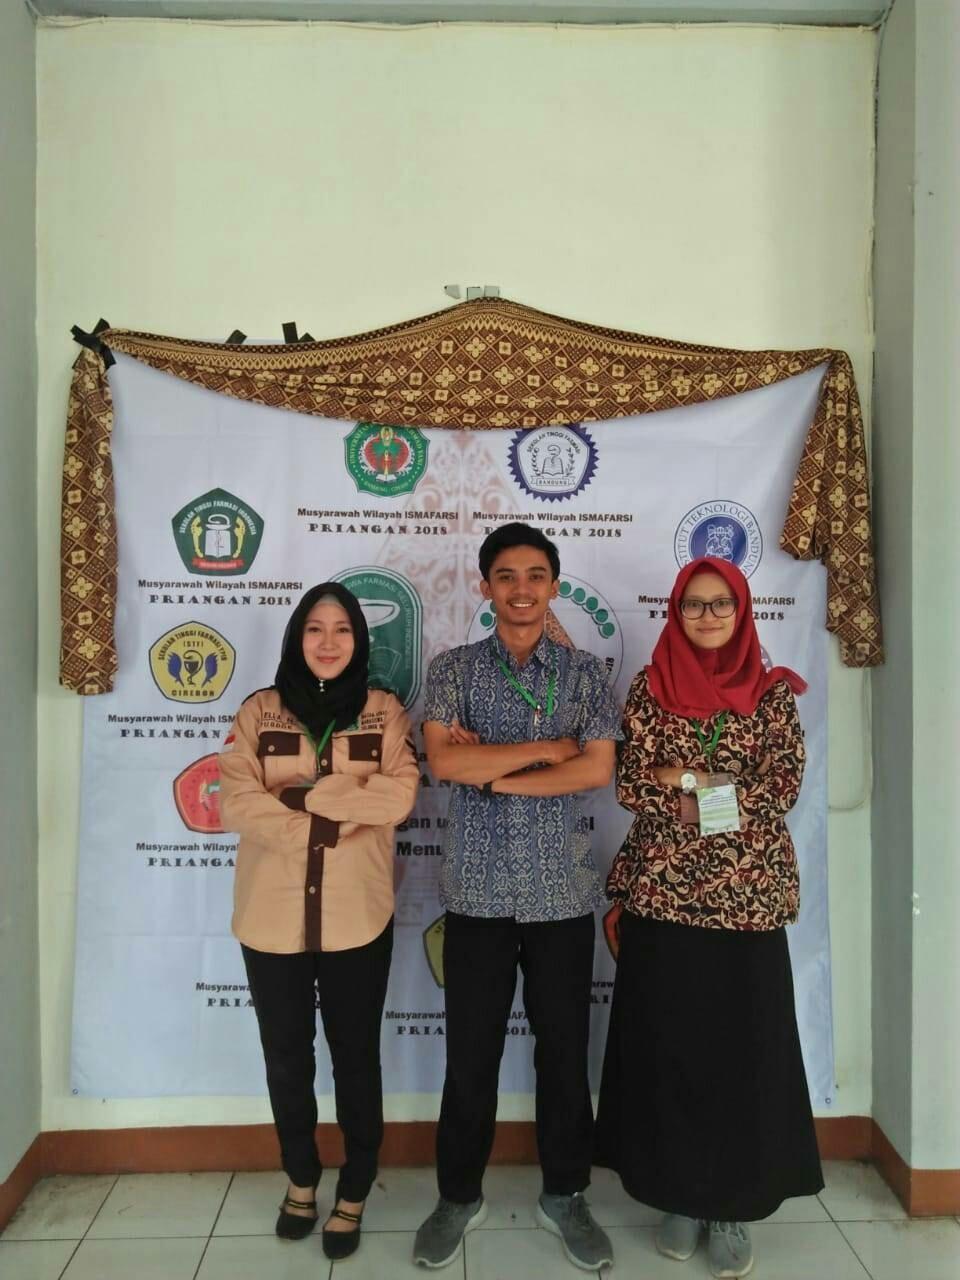 Musyawarah Wilayah Ismafarsi Priangan 2018